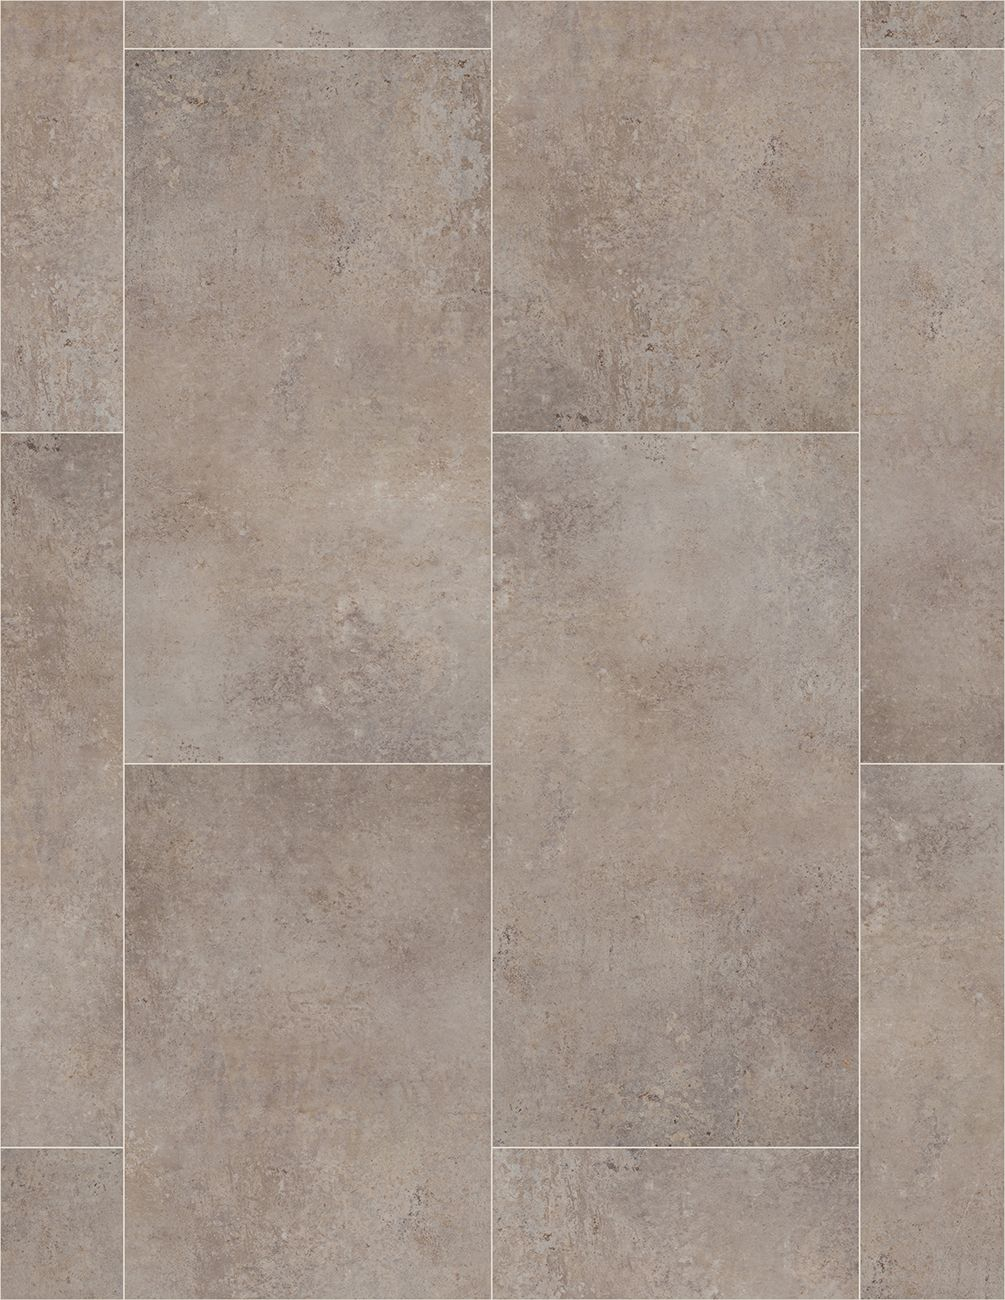 US Floors Coretec Stone 18X36 VV56818361 Semonia in 2020